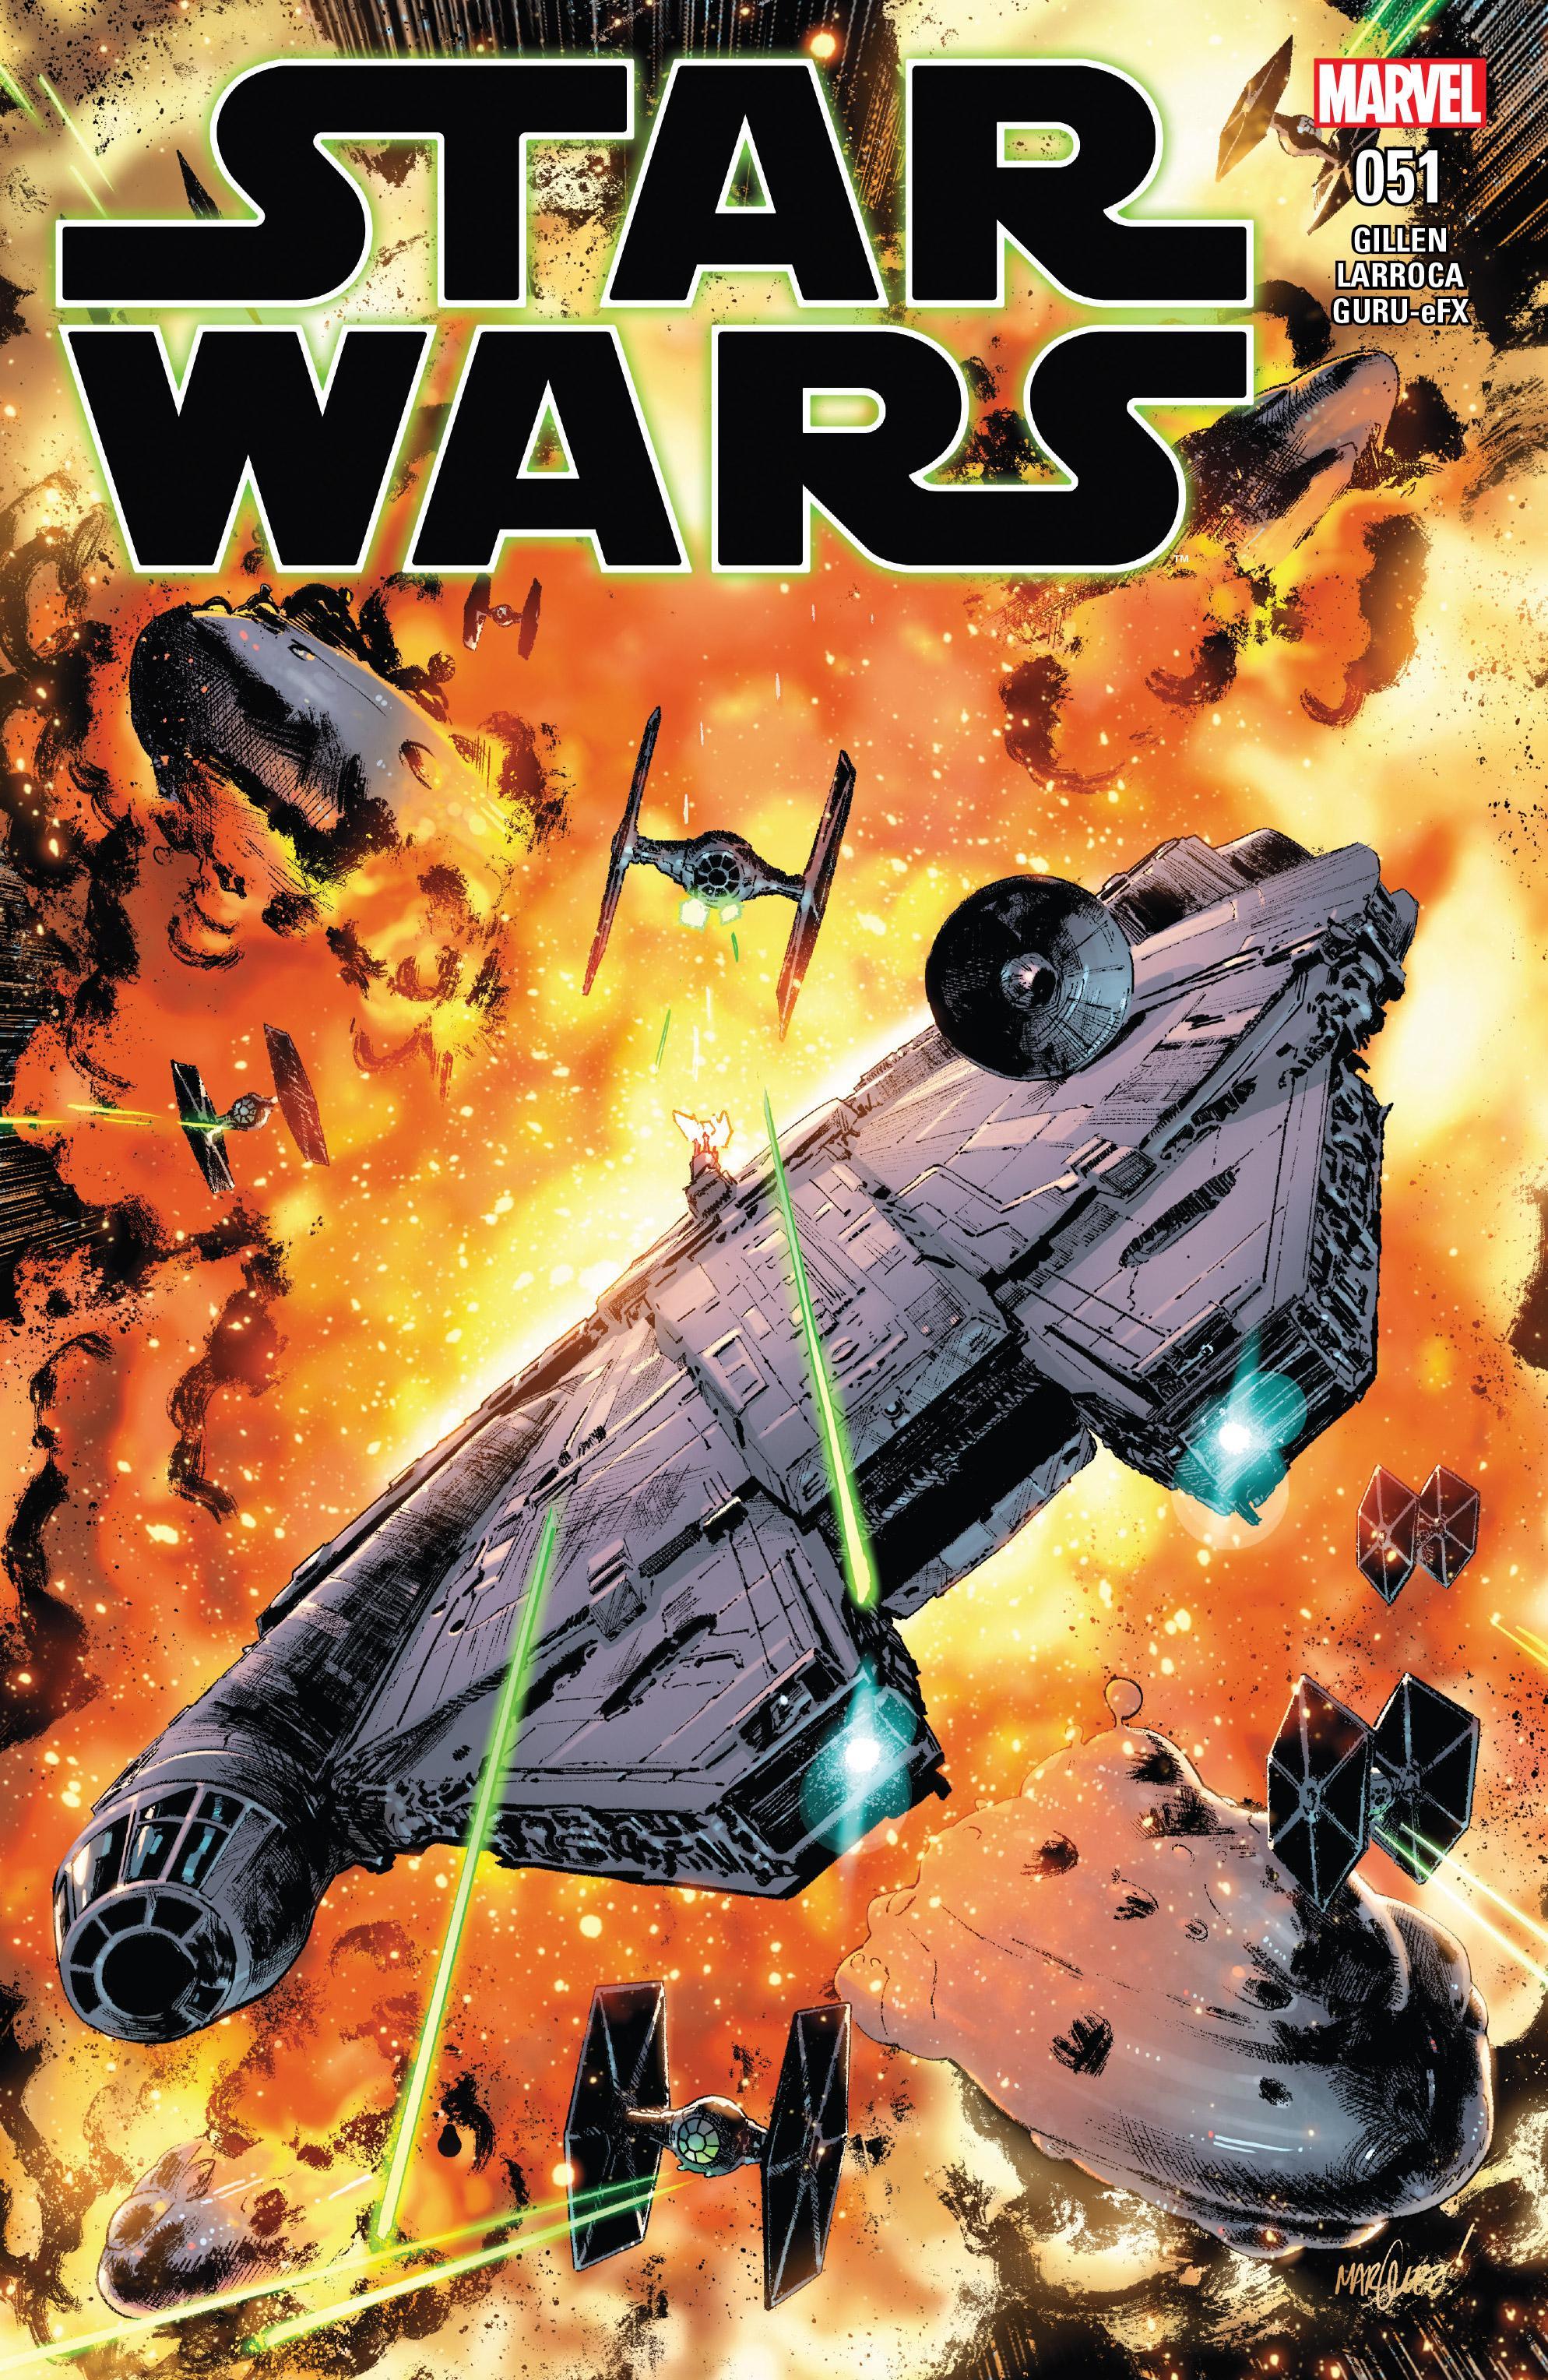 Звёздные войны 51: Надежда сгорает, часть 2